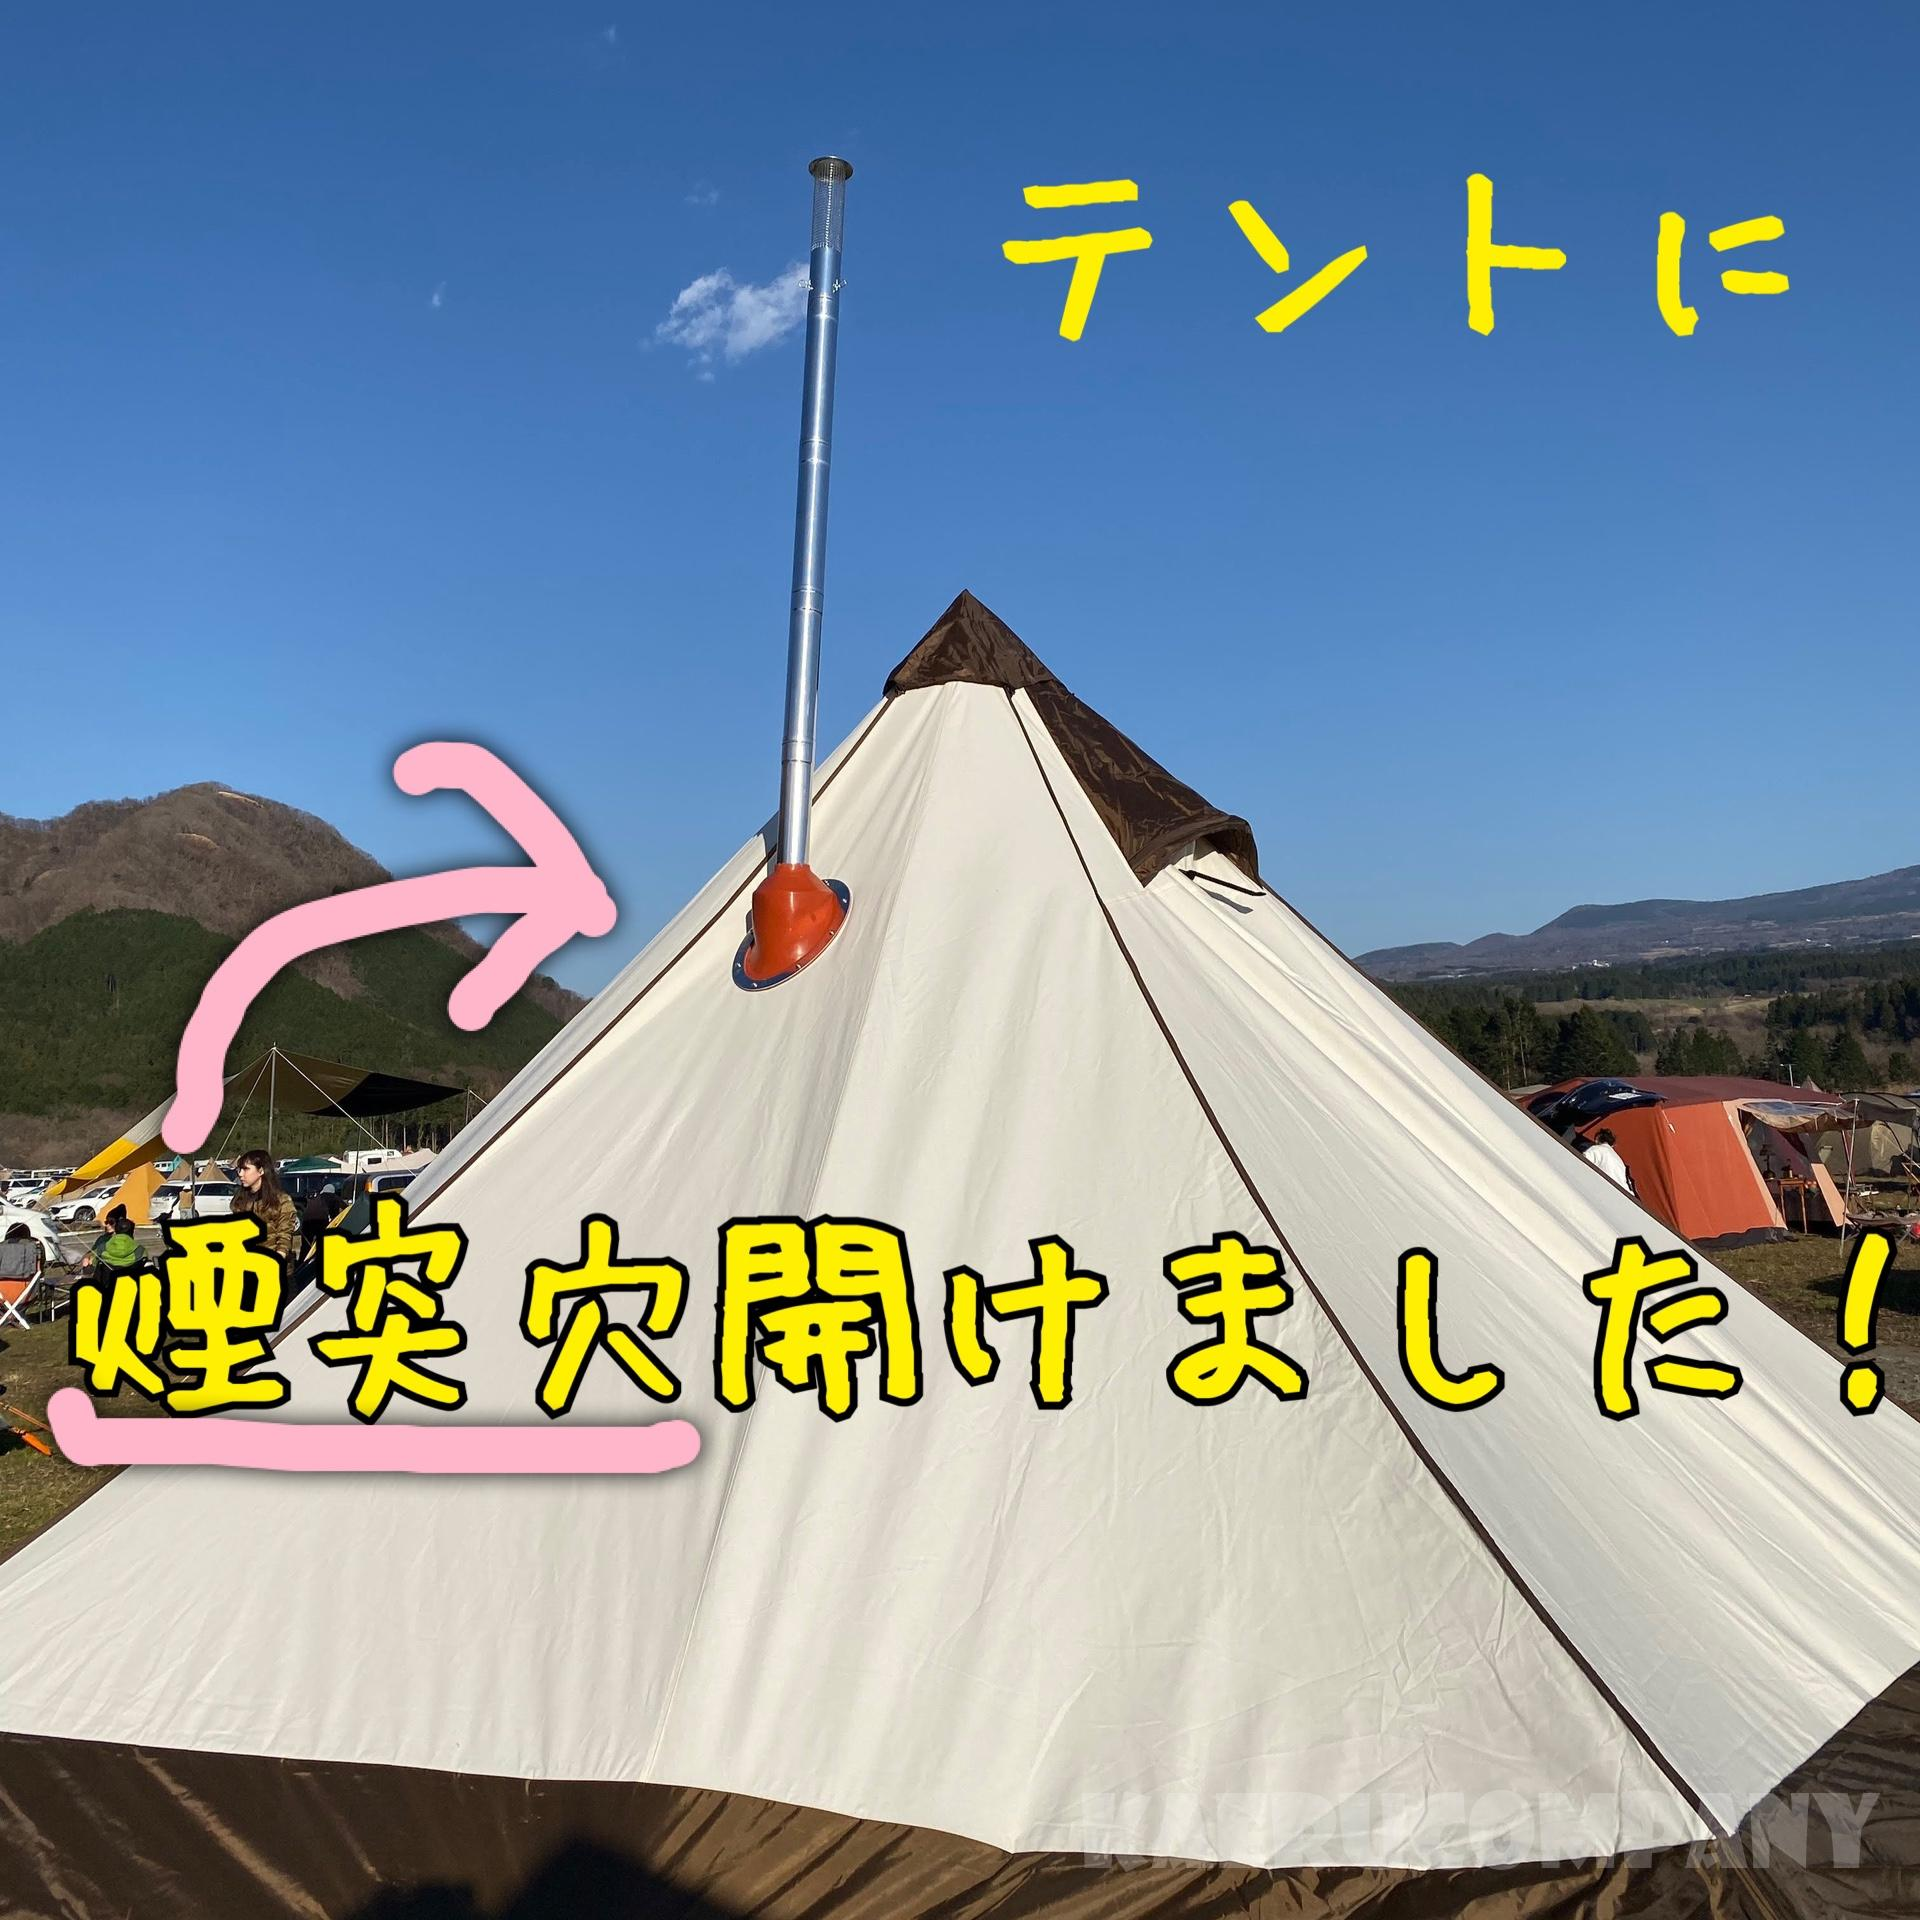 簡単すぎる!テントに薪ストーブの煙突穴設置方法!